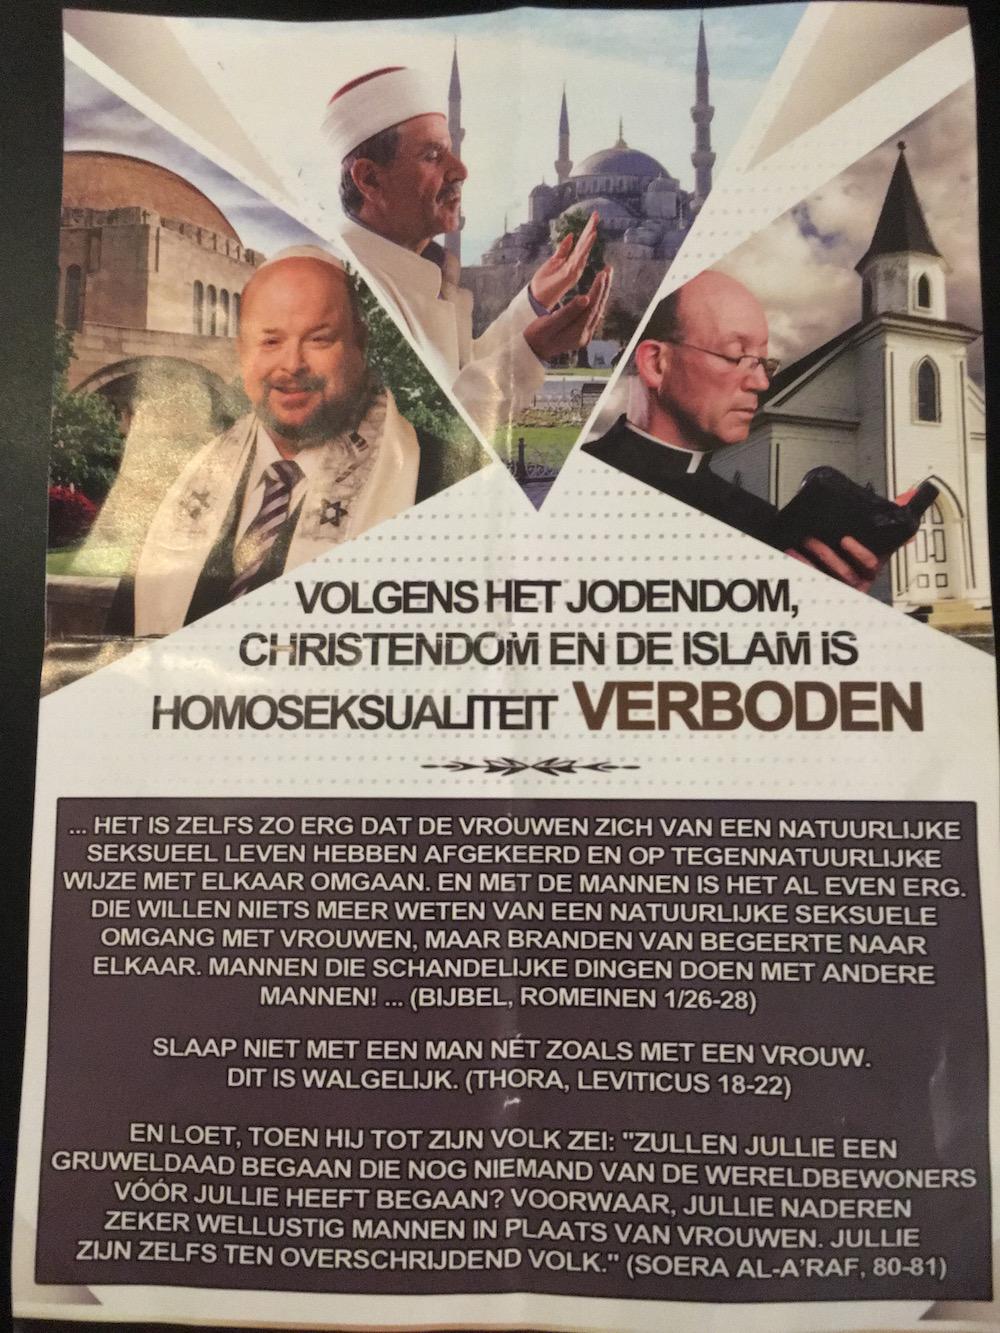 Geenstijl: ingezonden: homohaat pamfletten in 020 west